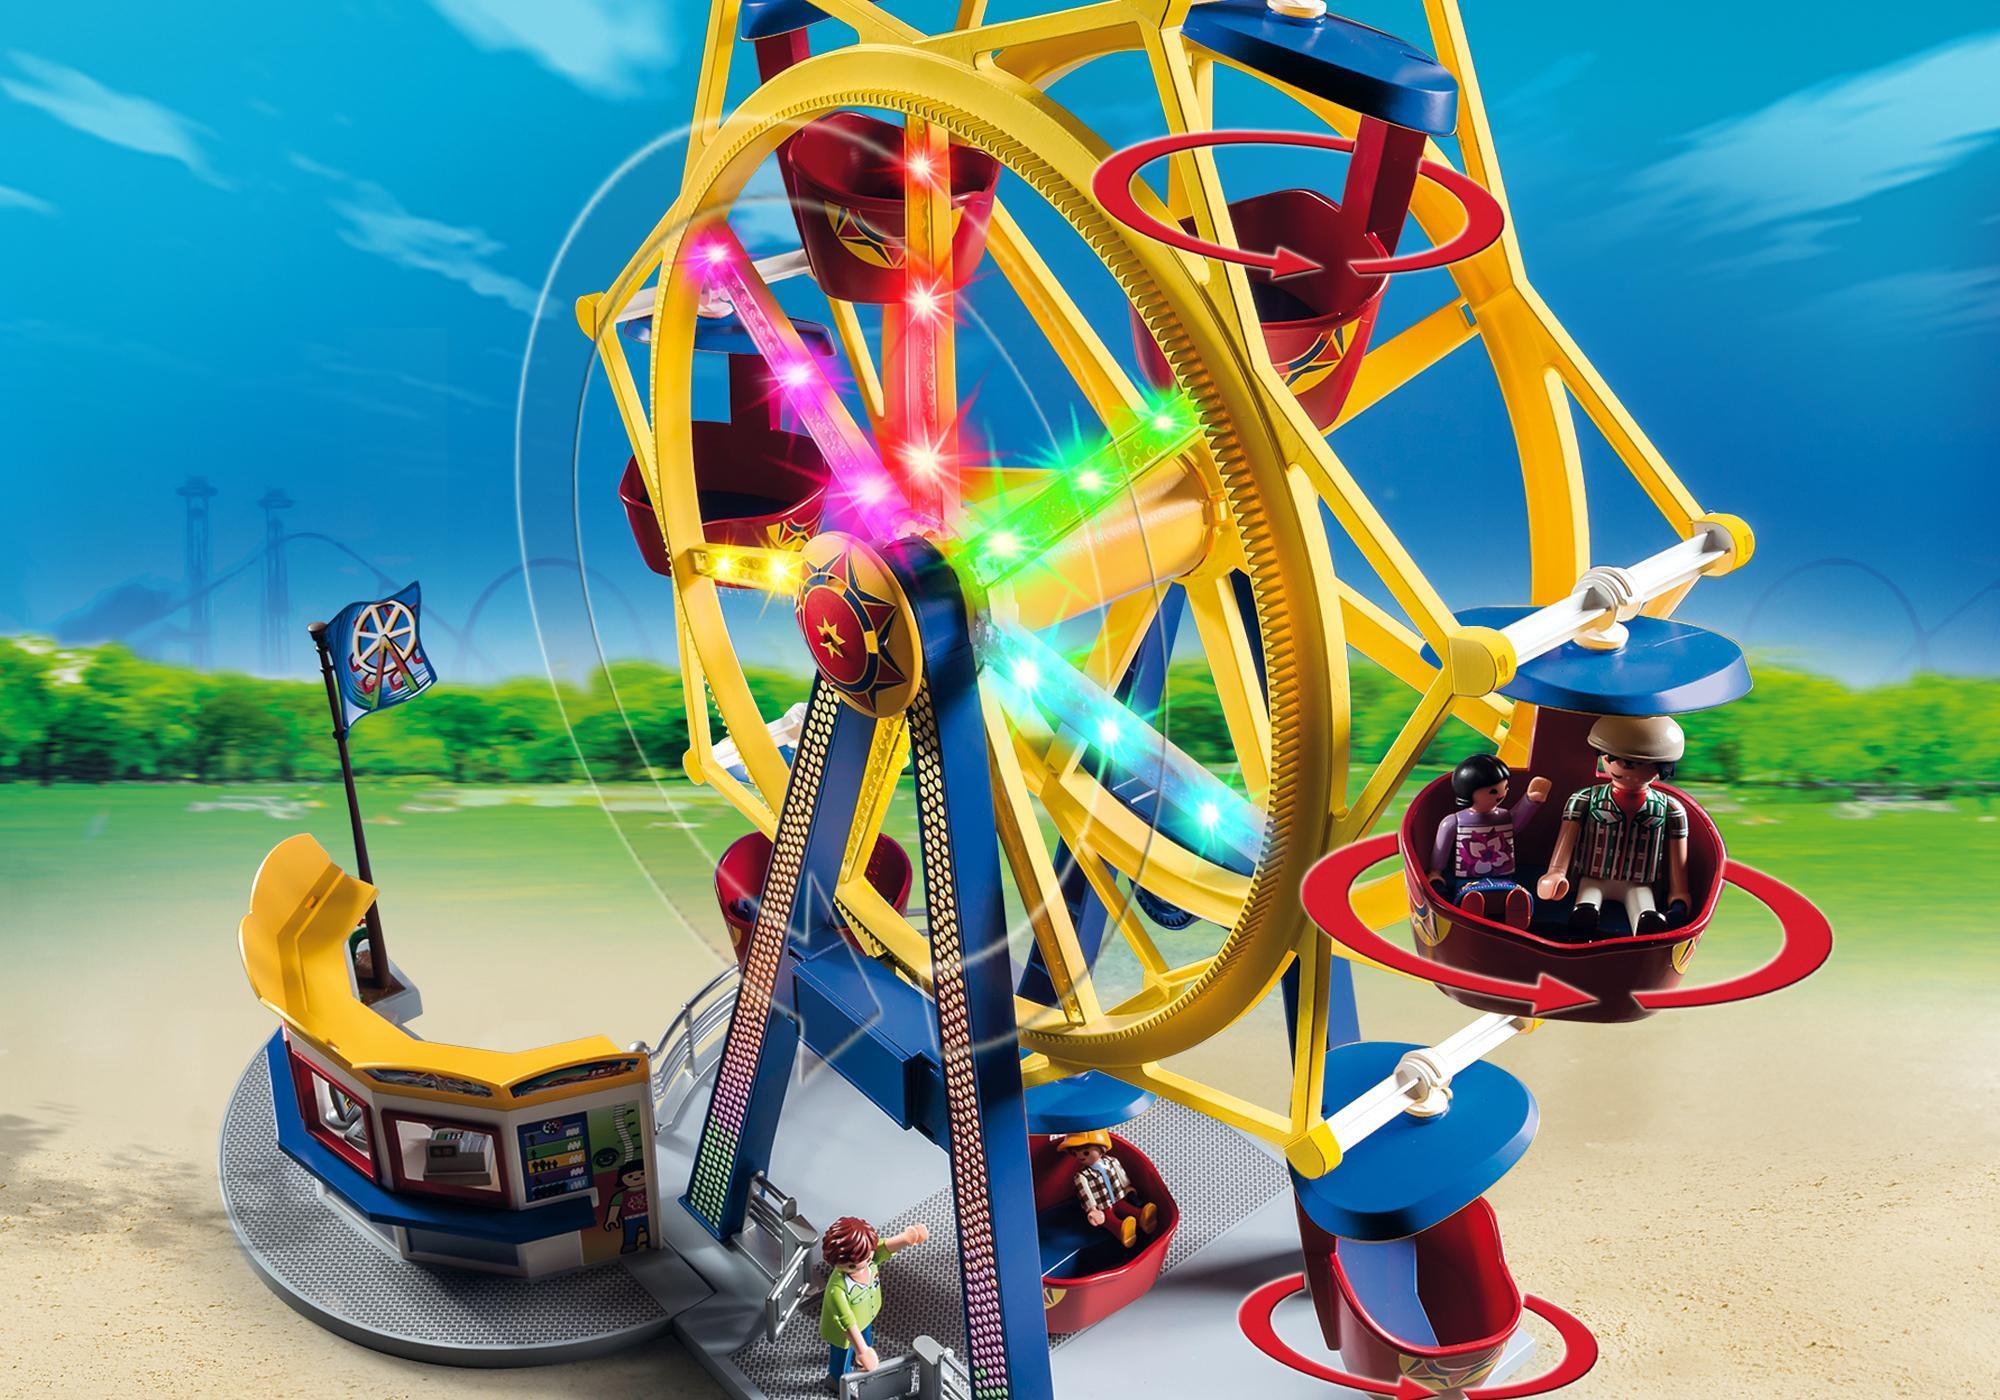 http://media.playmobil.com/i/playmobil/5552_product_extra3/Groot draairad met kleurrijke verlichting